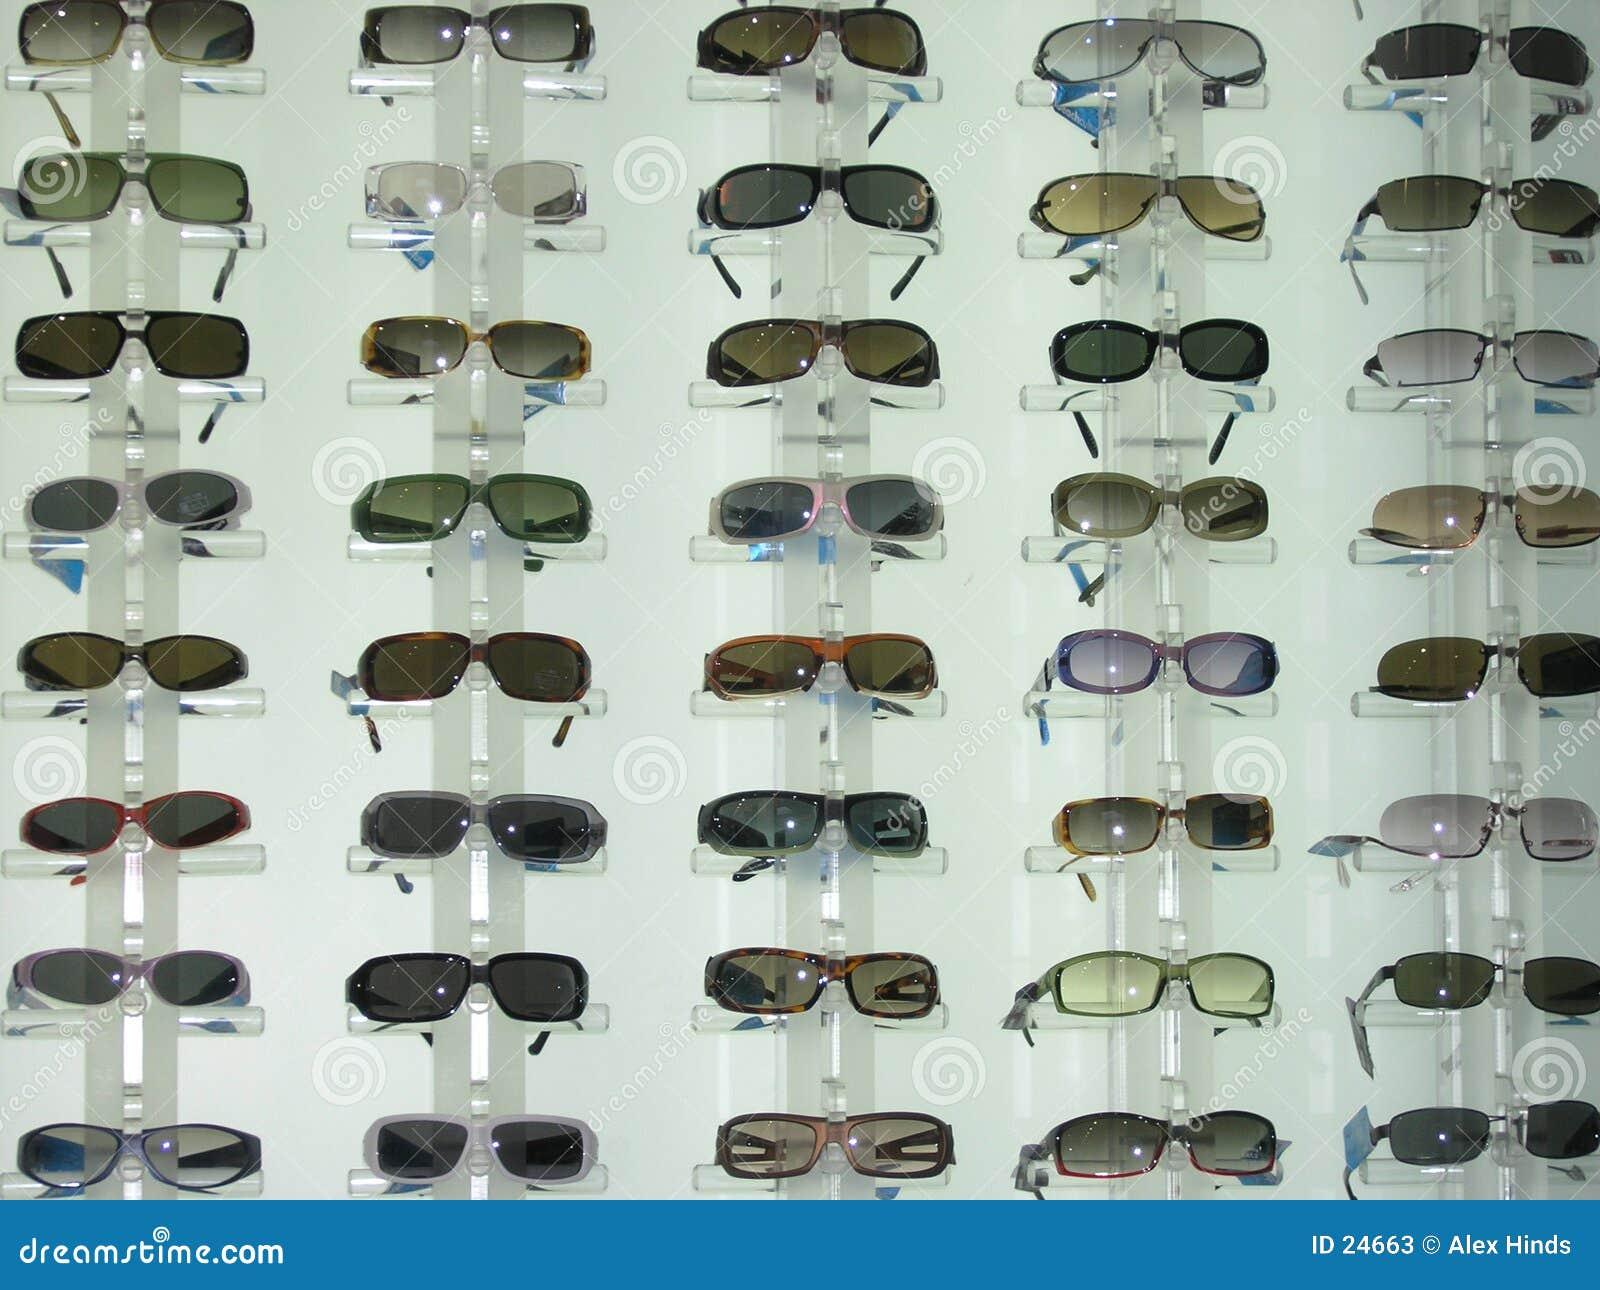 Visualización de las gafas de sol